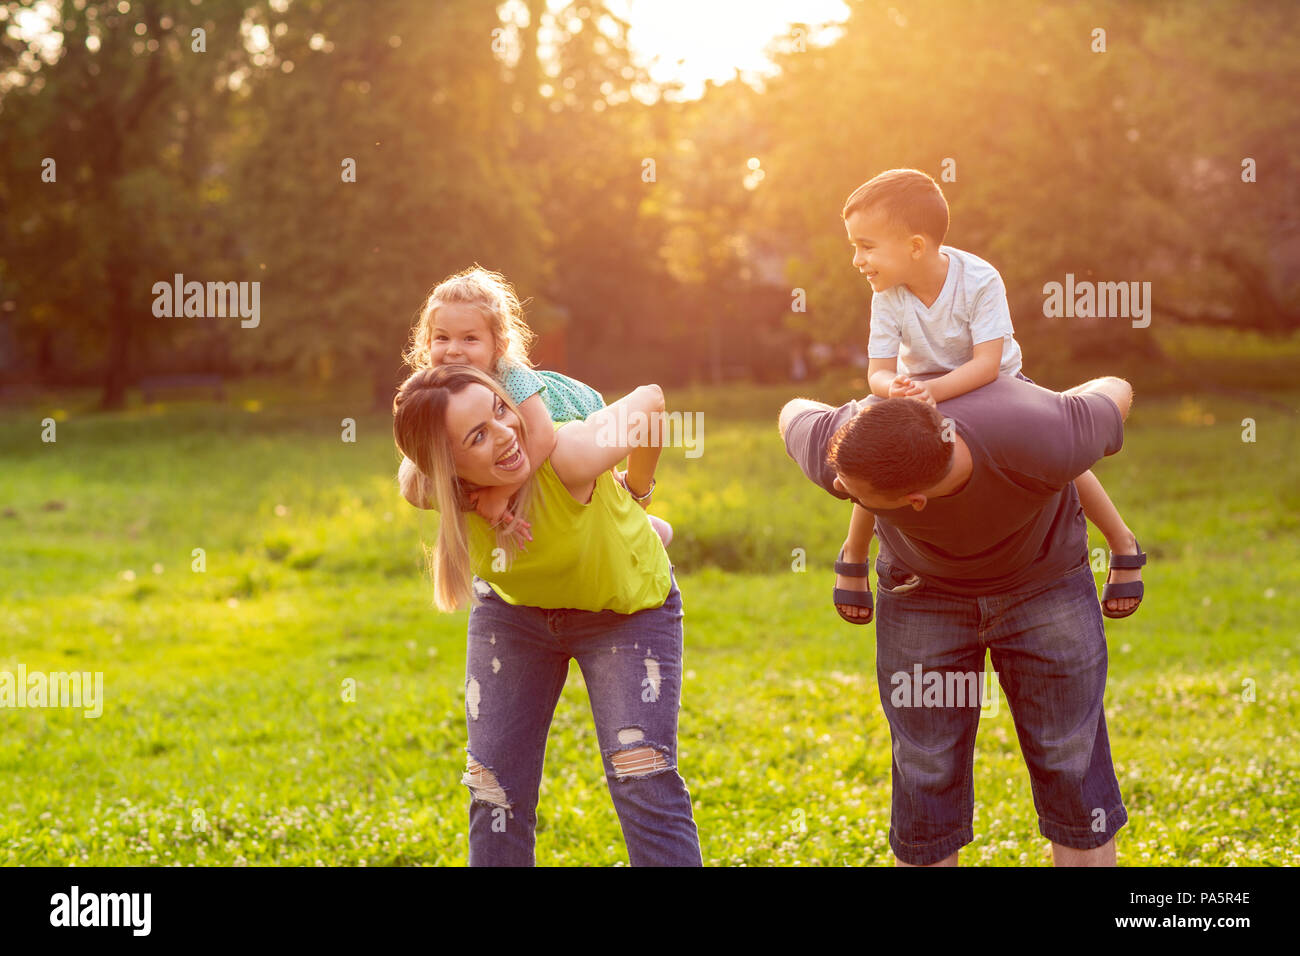 La familia, la felicidad, la infancia y las personas concepto - felices padres dando piggyback ride para niños Imagen De Stock